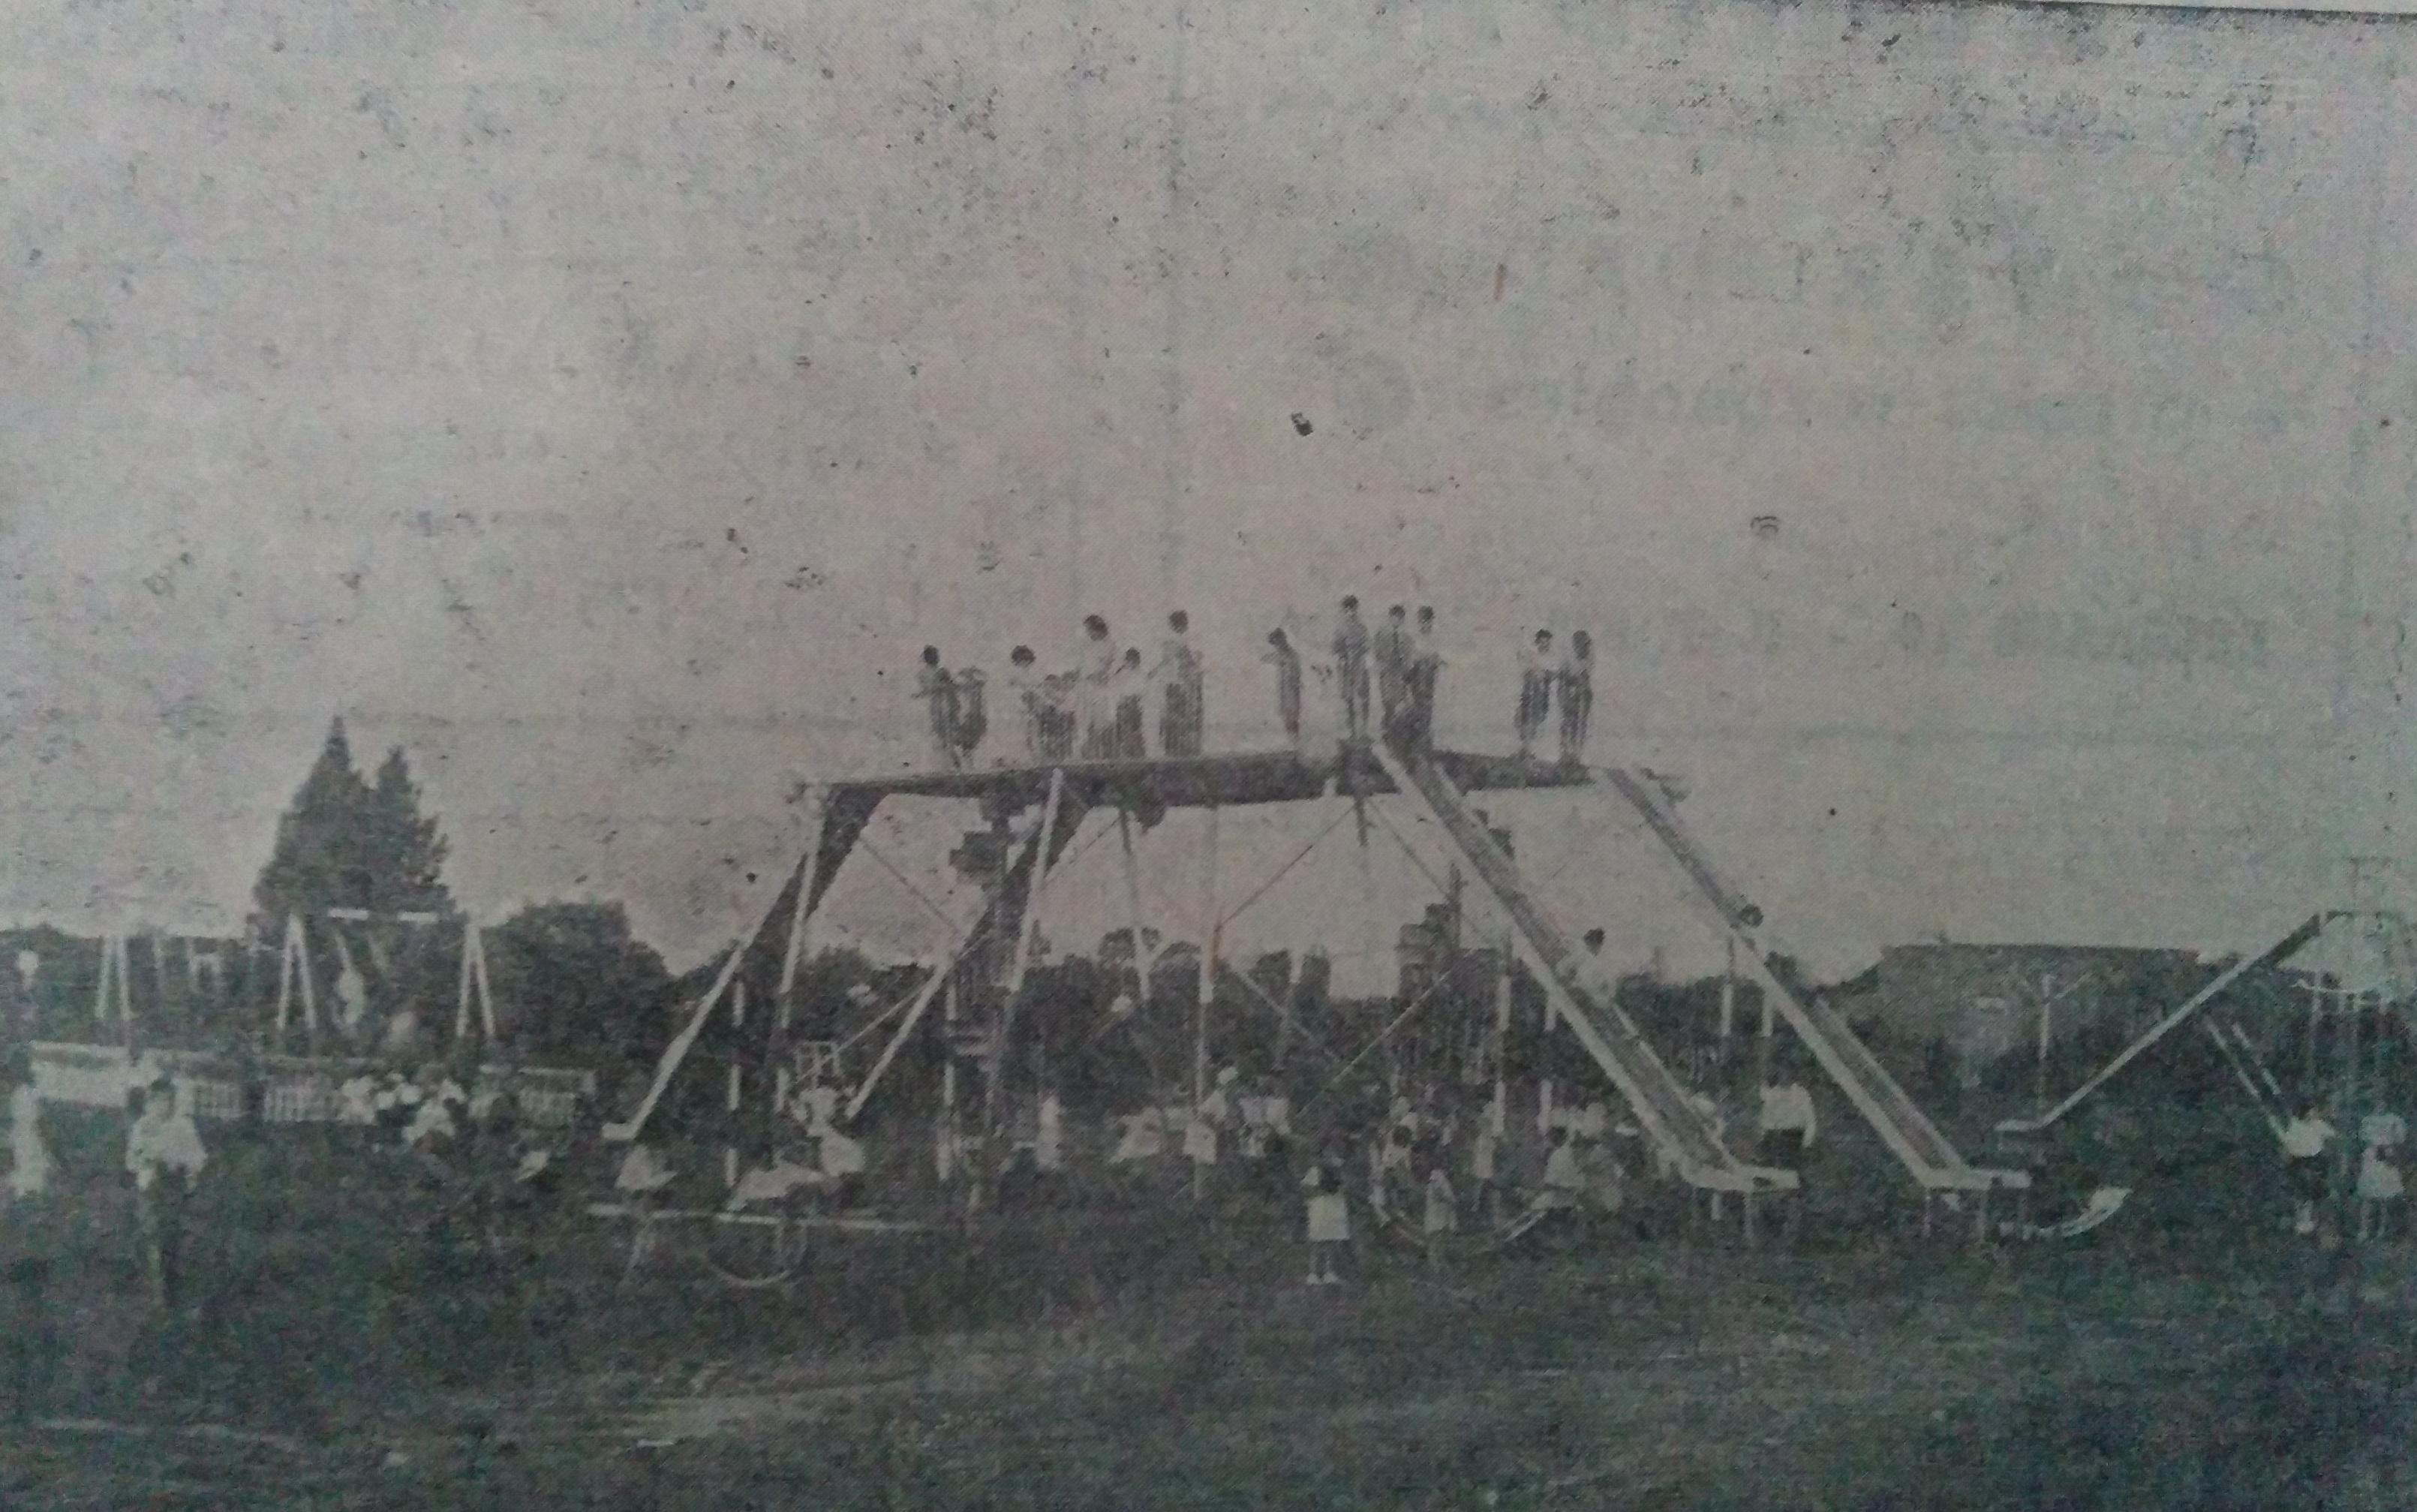 El viejo Parque Infantil de Chivilcoy, ubicado sobre la avenida Calixto Calderón. Desapareció en la década de 1960.